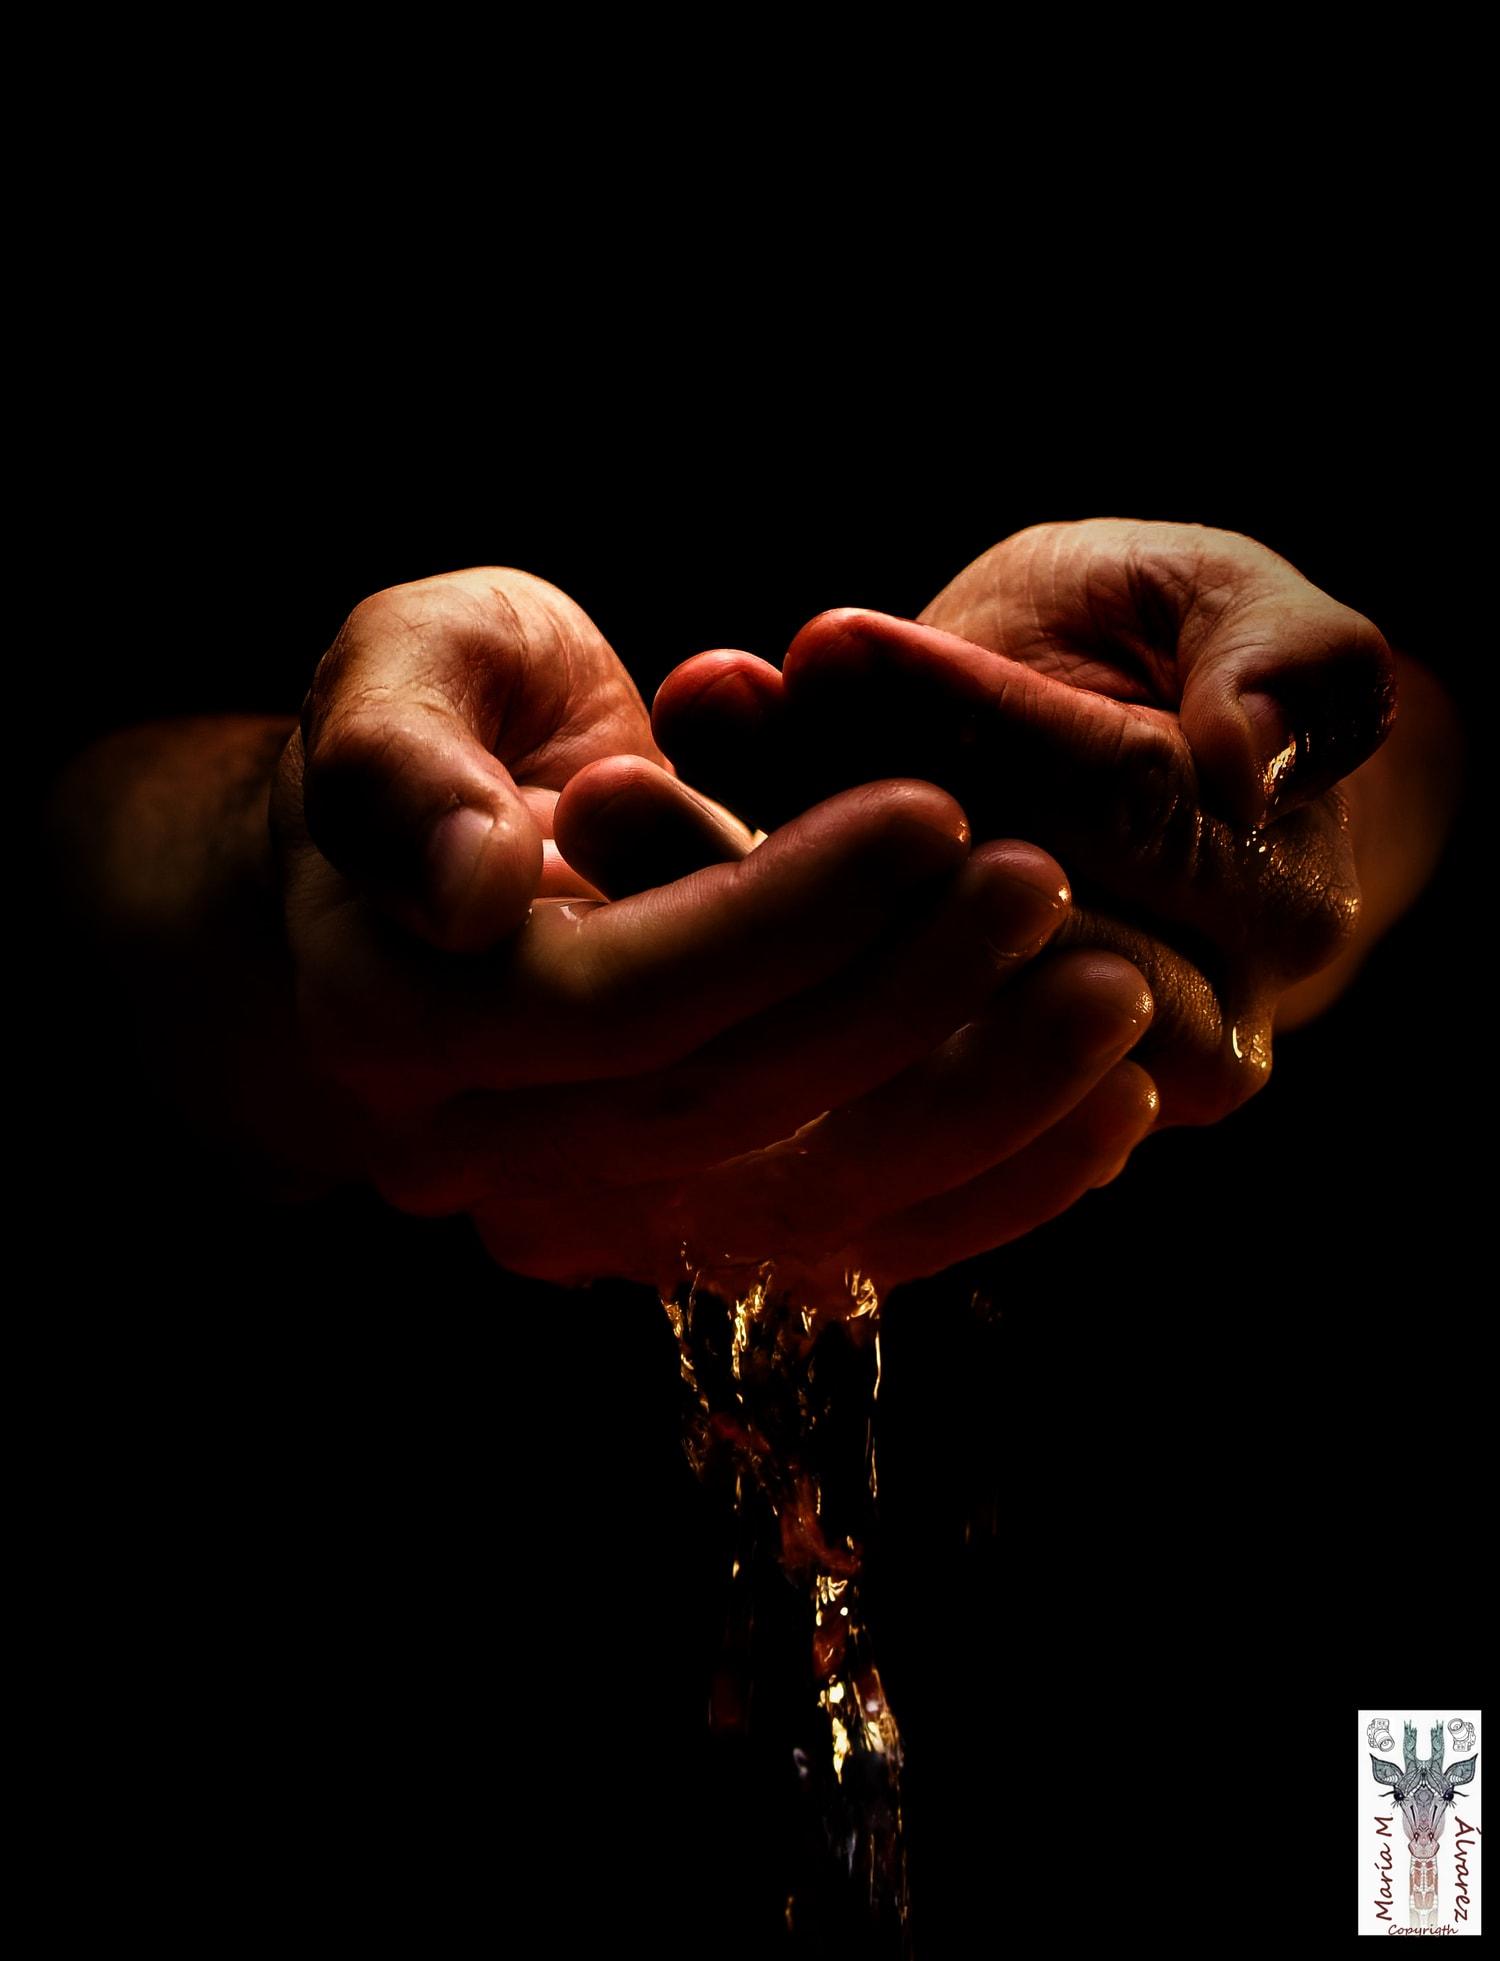 fotografía manos con agua